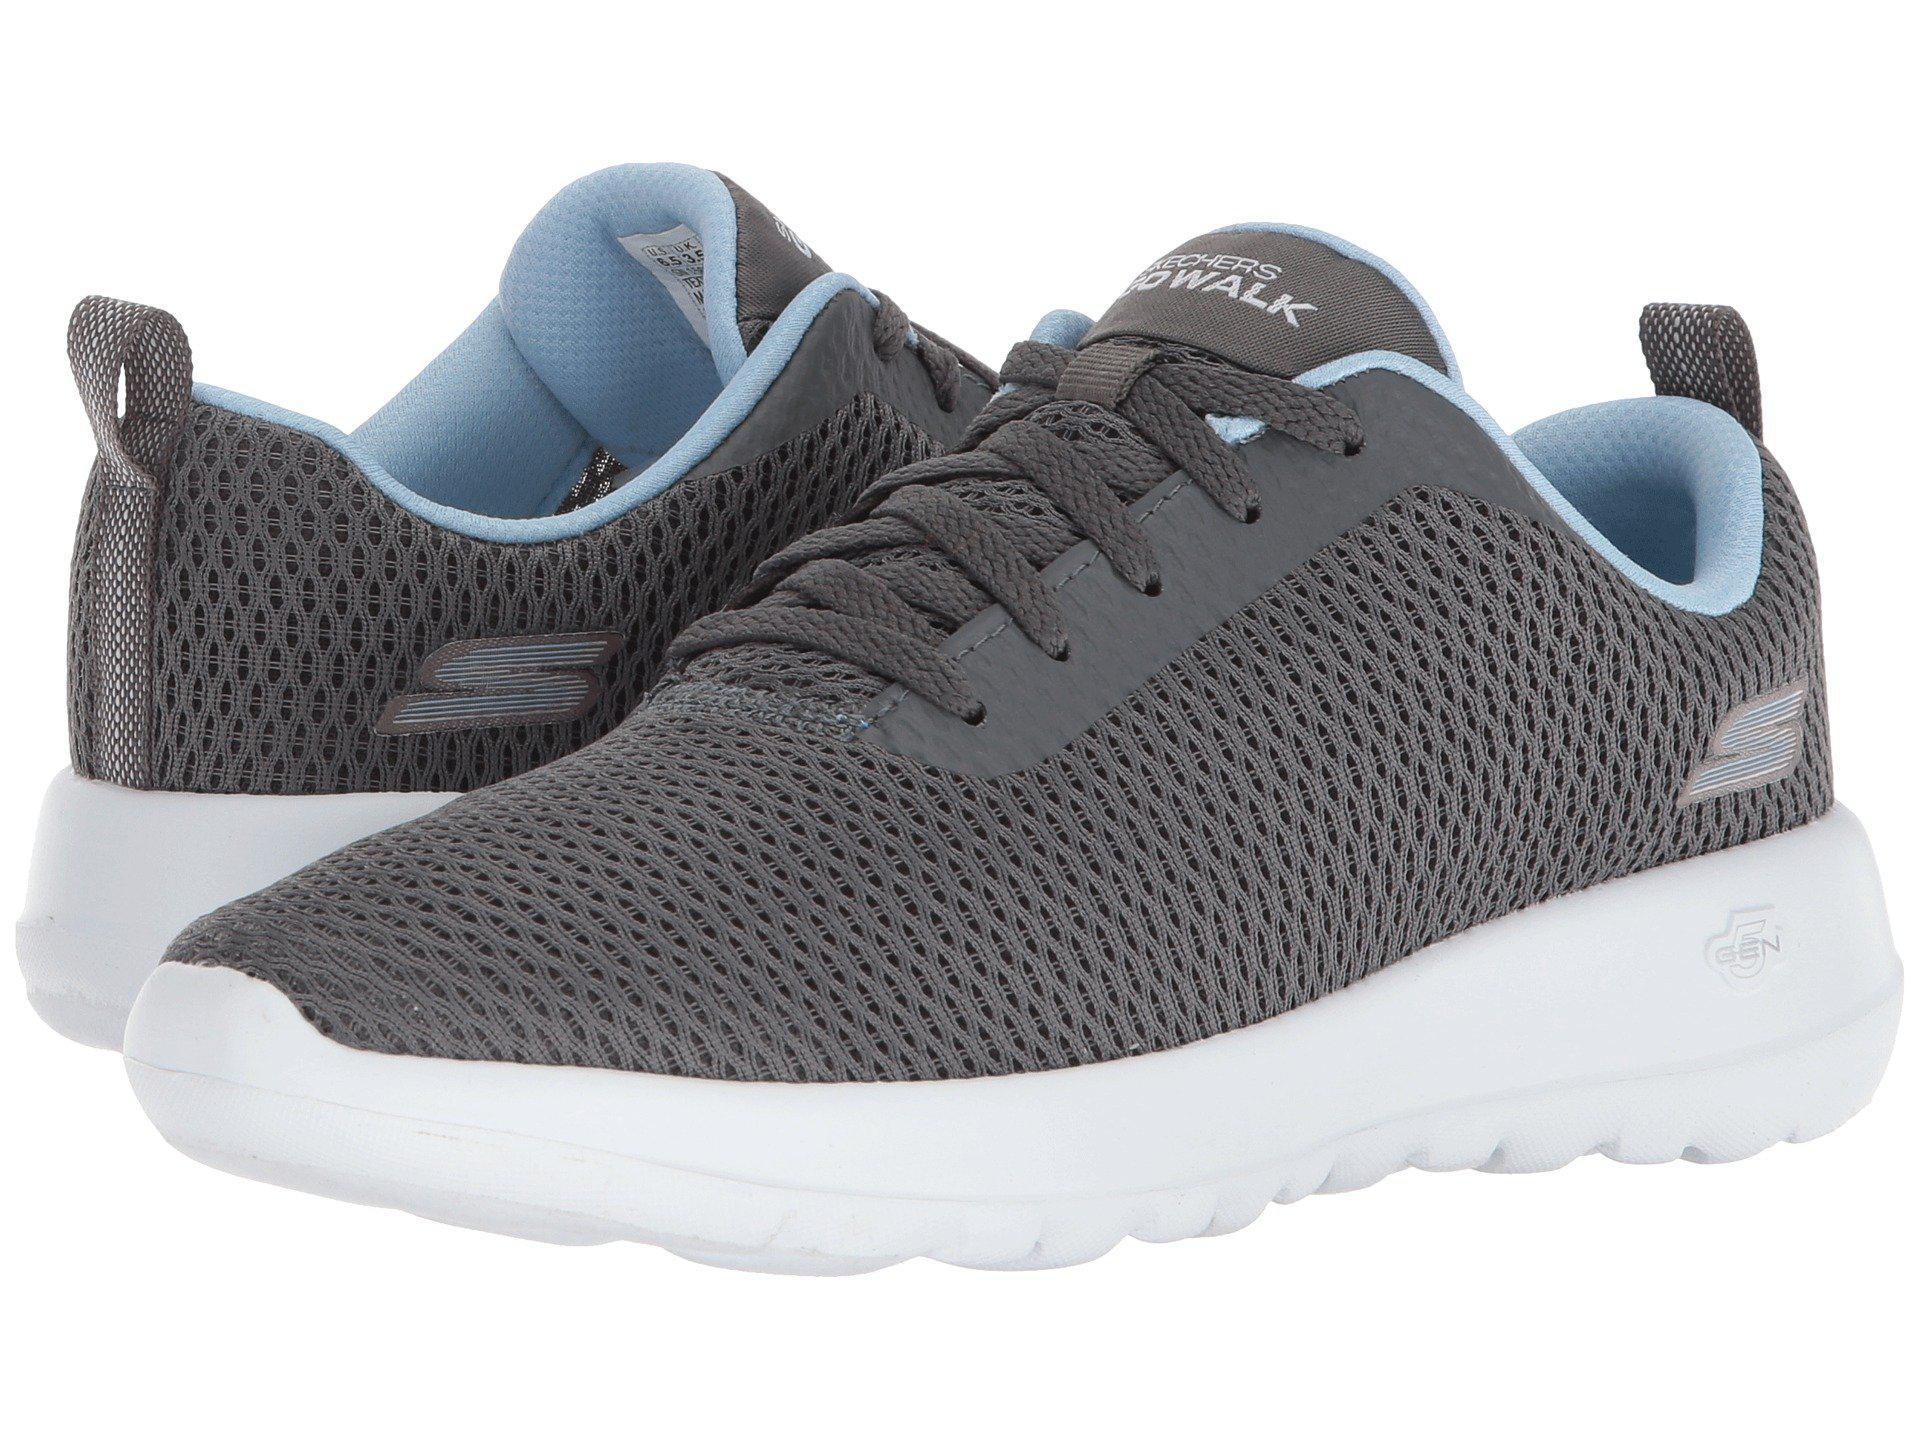 a1db39002342 Lyst - Skechers Gowalk Joy - Paradise (gray blue) Women s Shoes in Gray